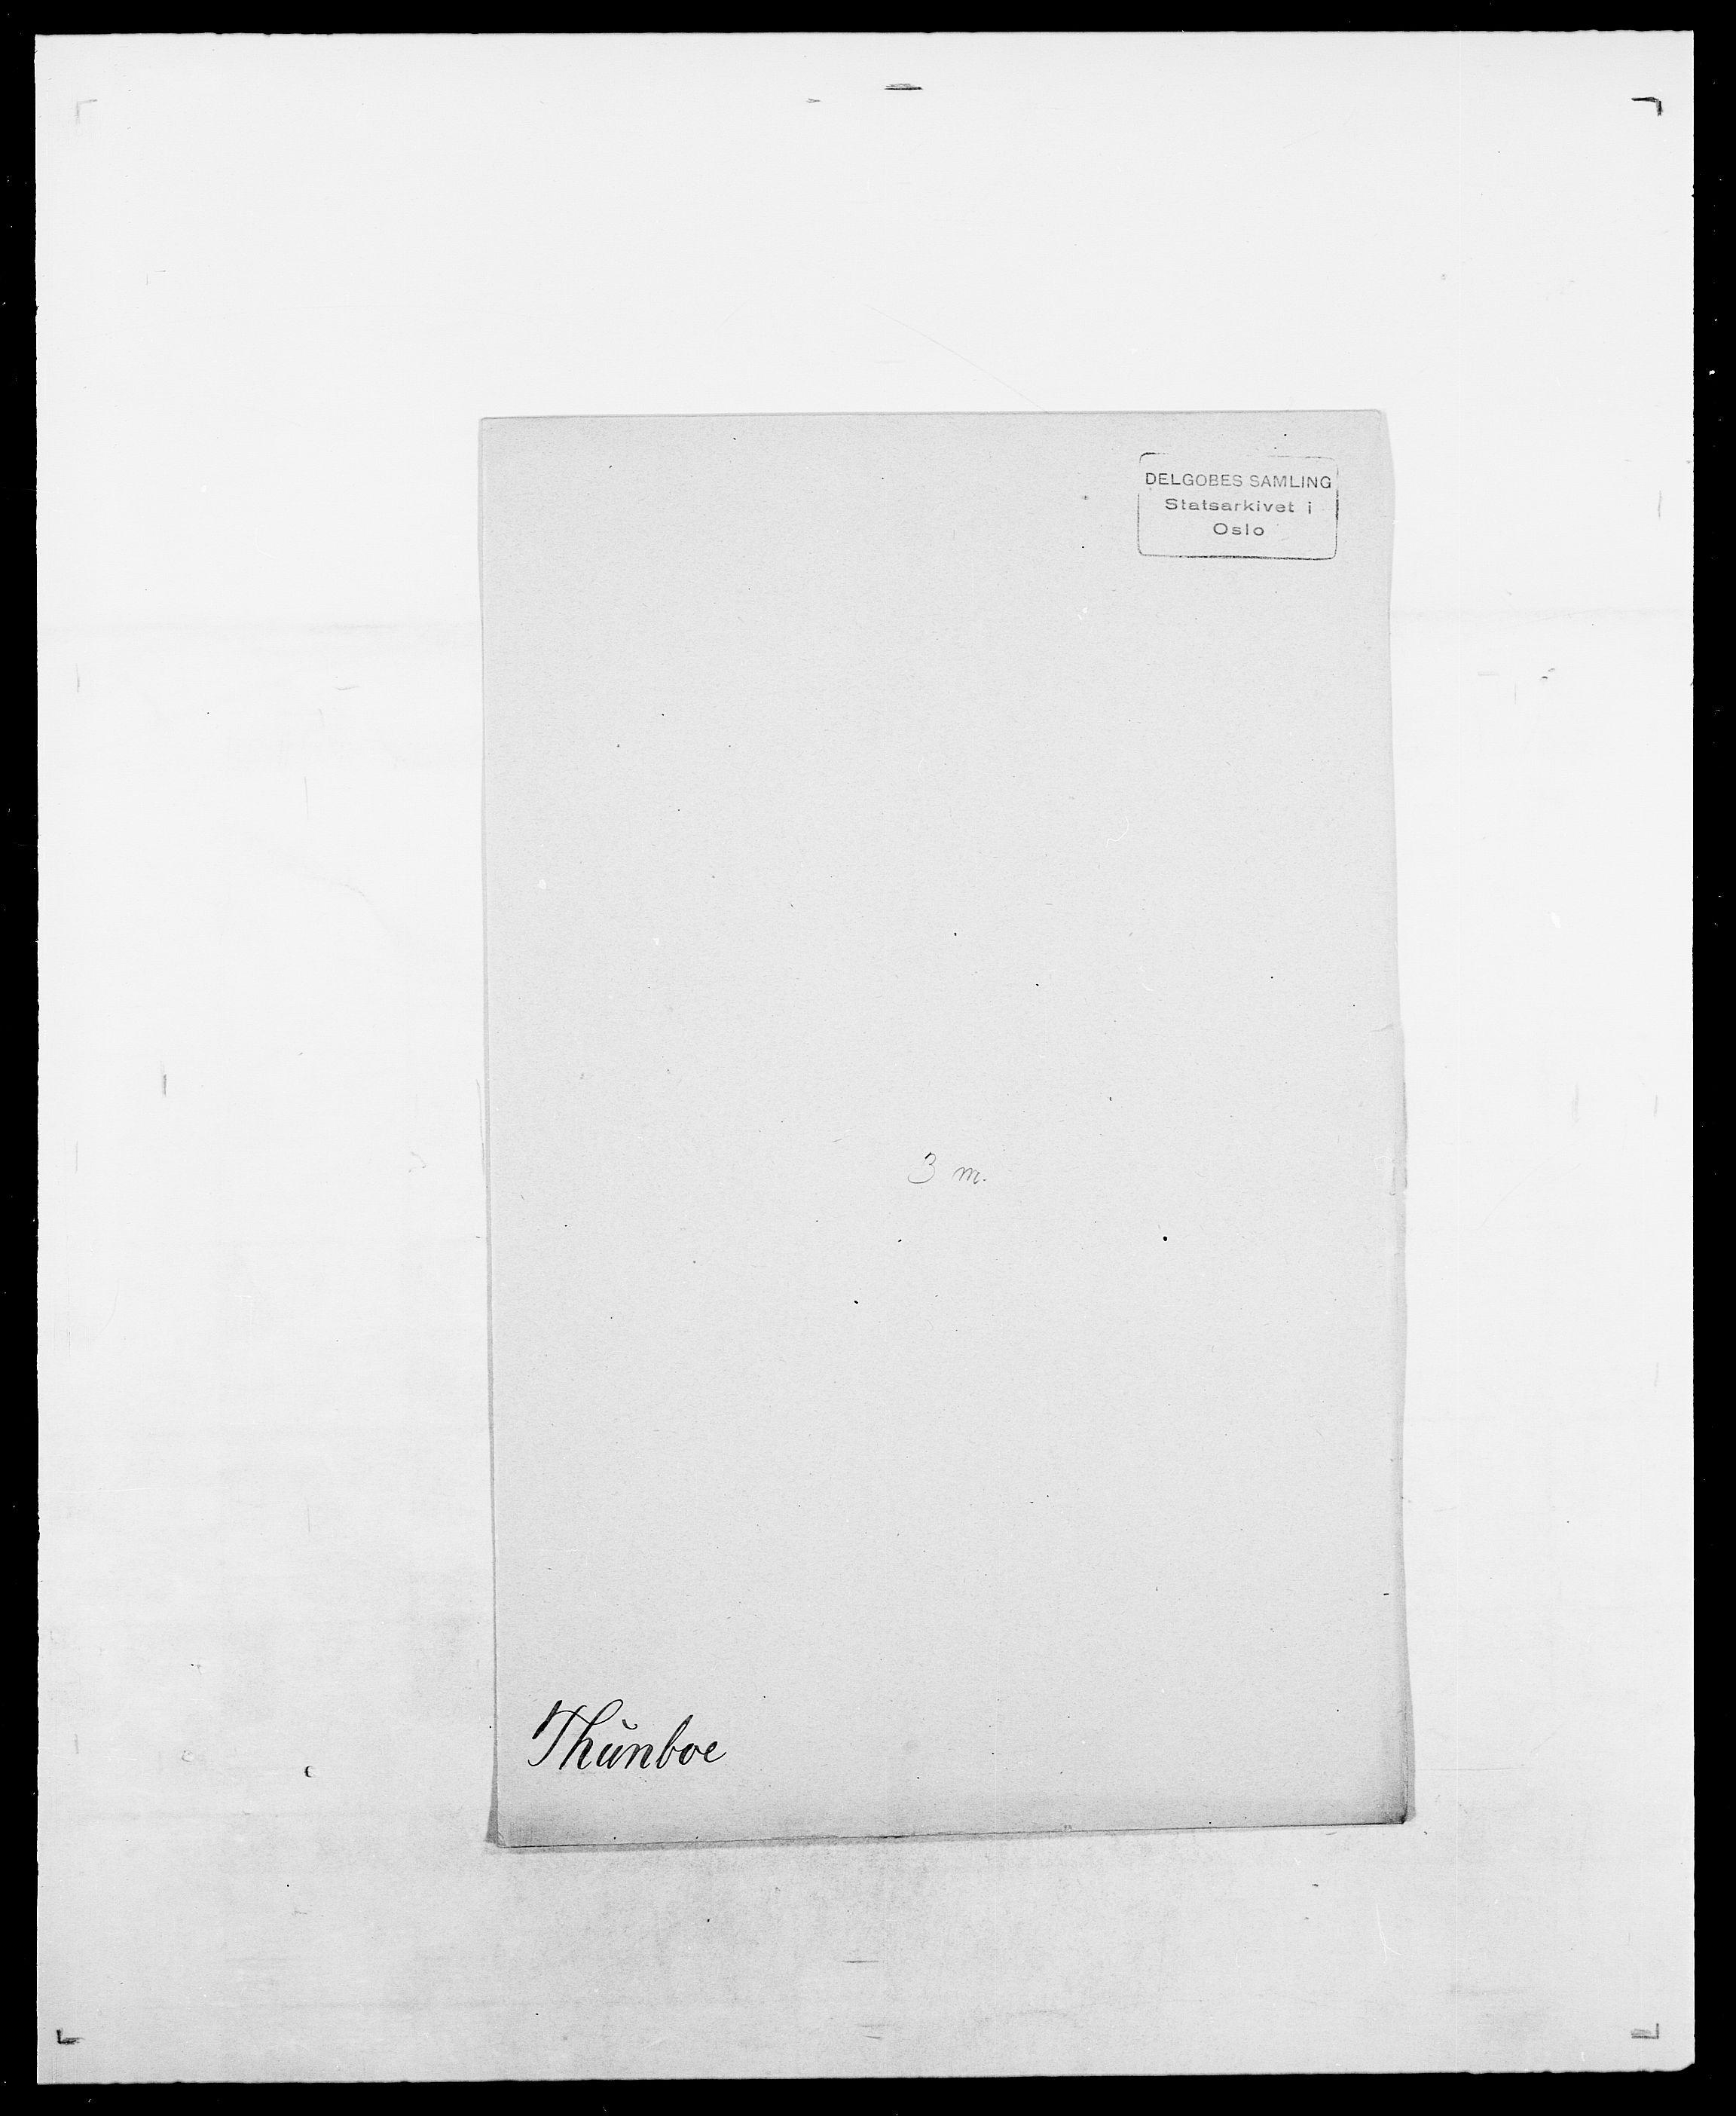 SAO, Delgobe, Charles Antoine - samling, D/Da/L0038: Svanenskjold - Thornsohn, s. 1026